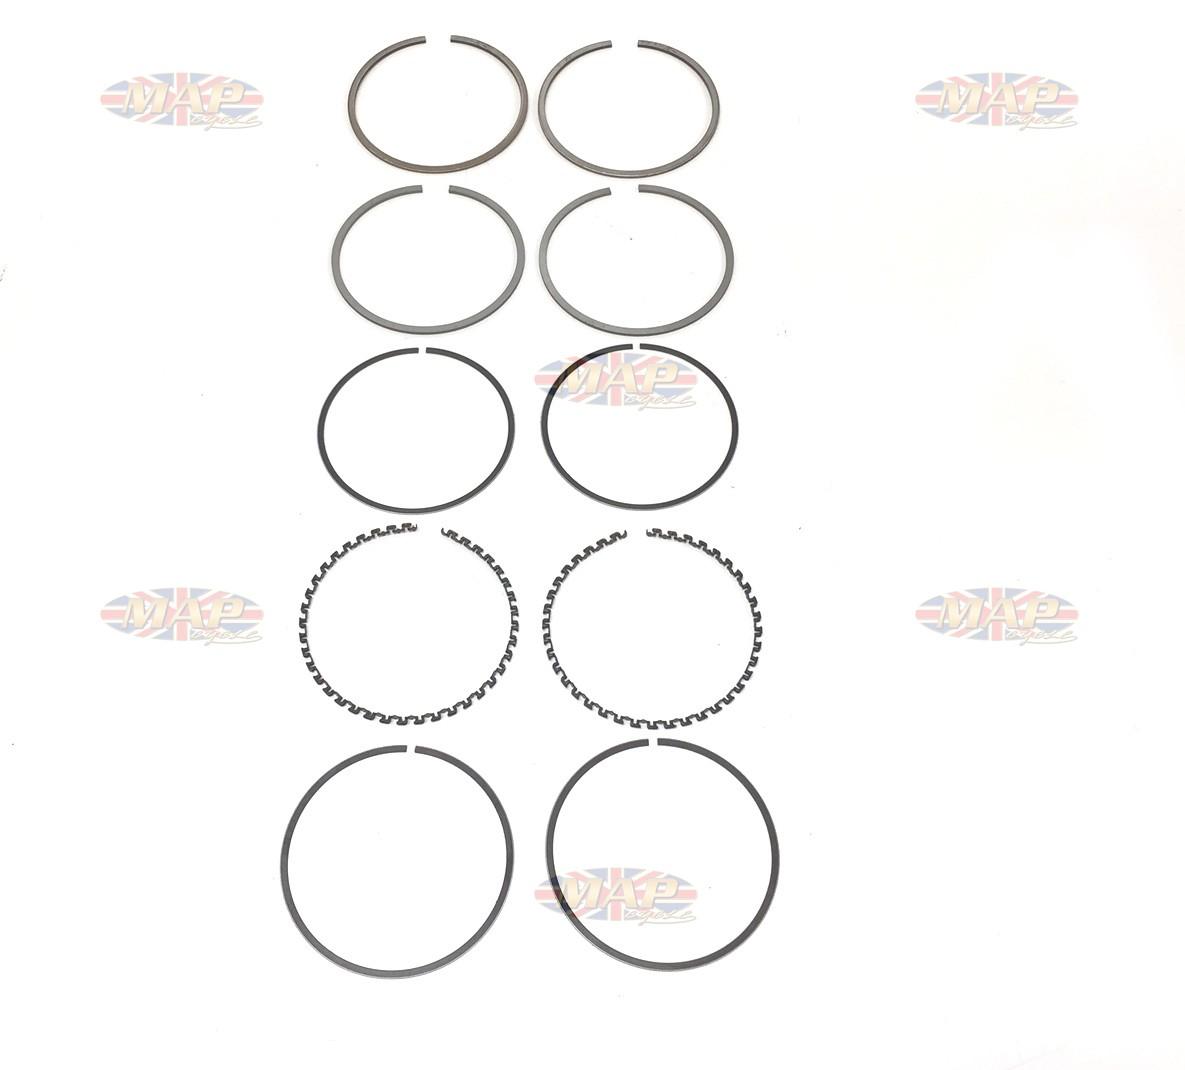 Triumph Morgo 750 Big Bore Kit Ring Set 060